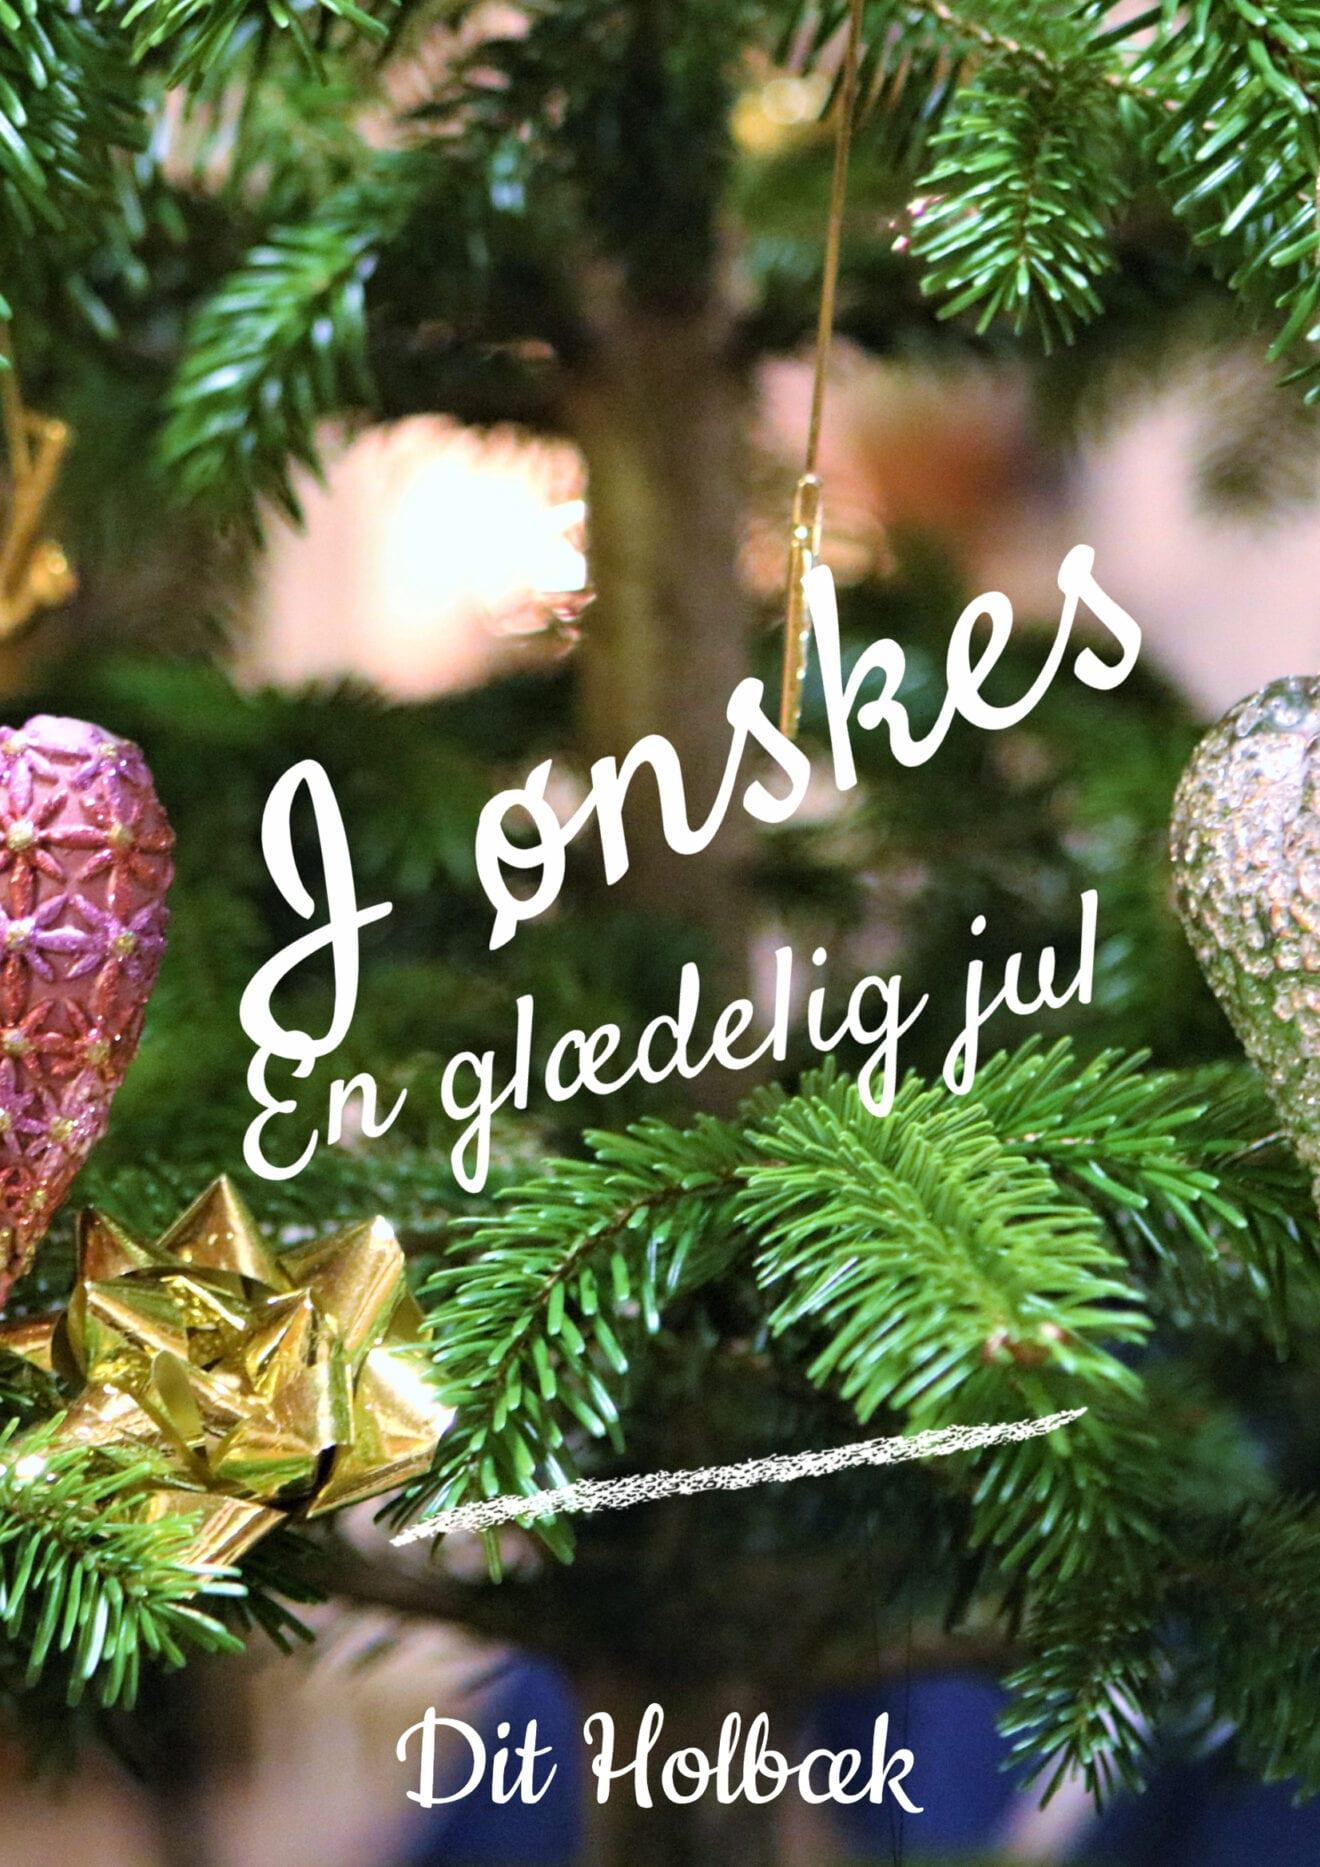 Dit Holbæk ønsker alle en glædelig jul